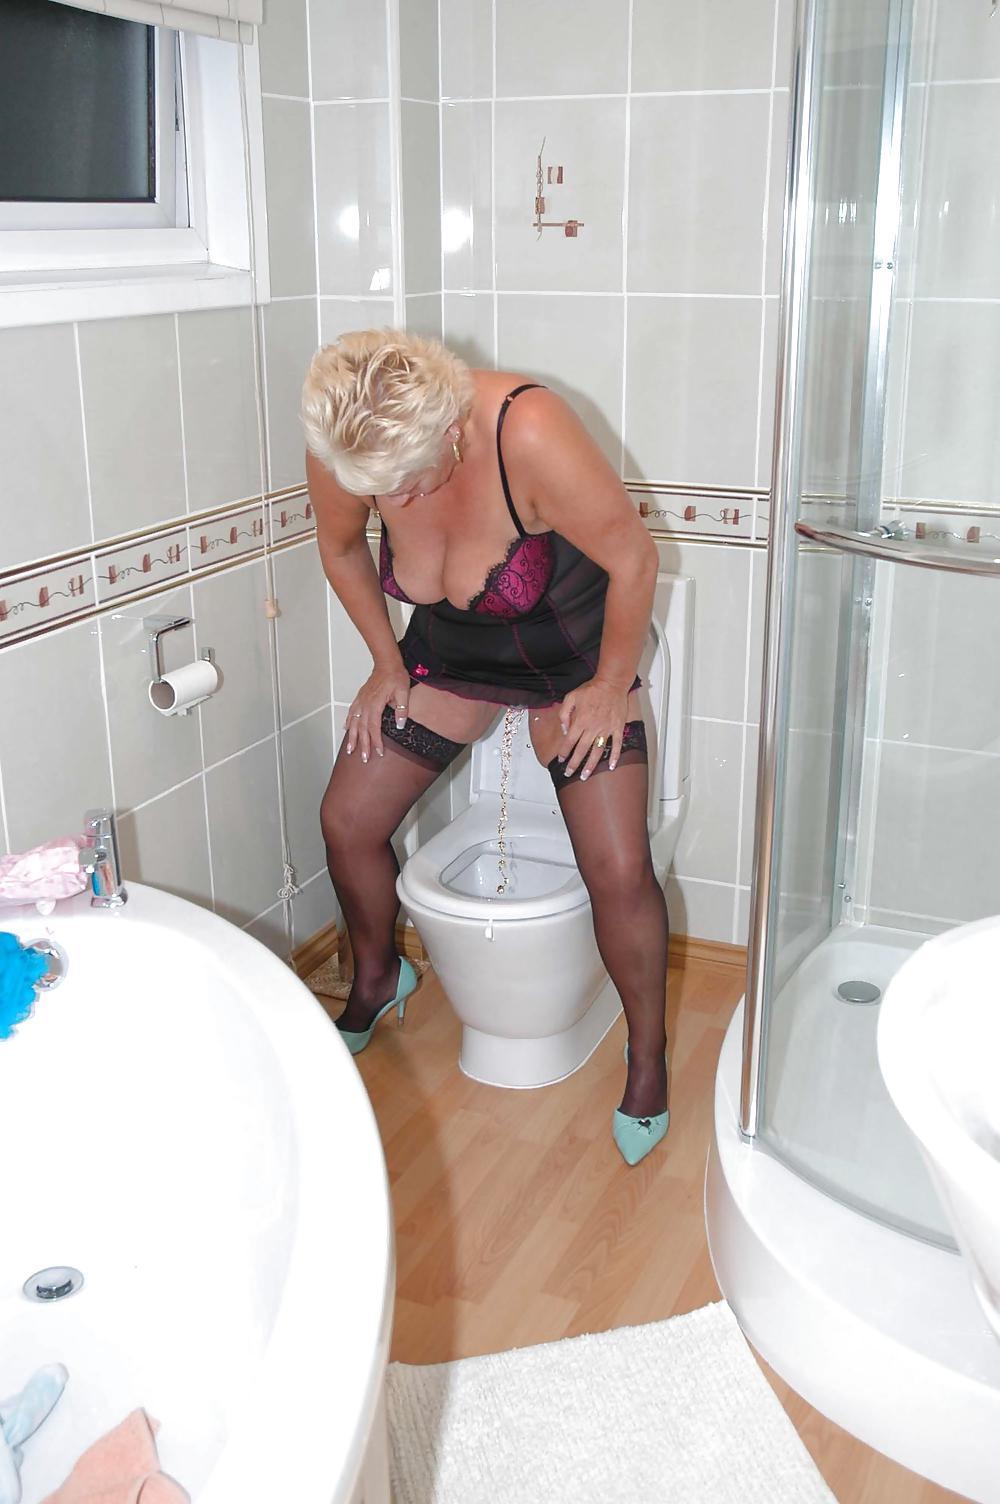 sperme-russkim-pisayushie-zhenshini-foto-tualet-trahayut-stoya